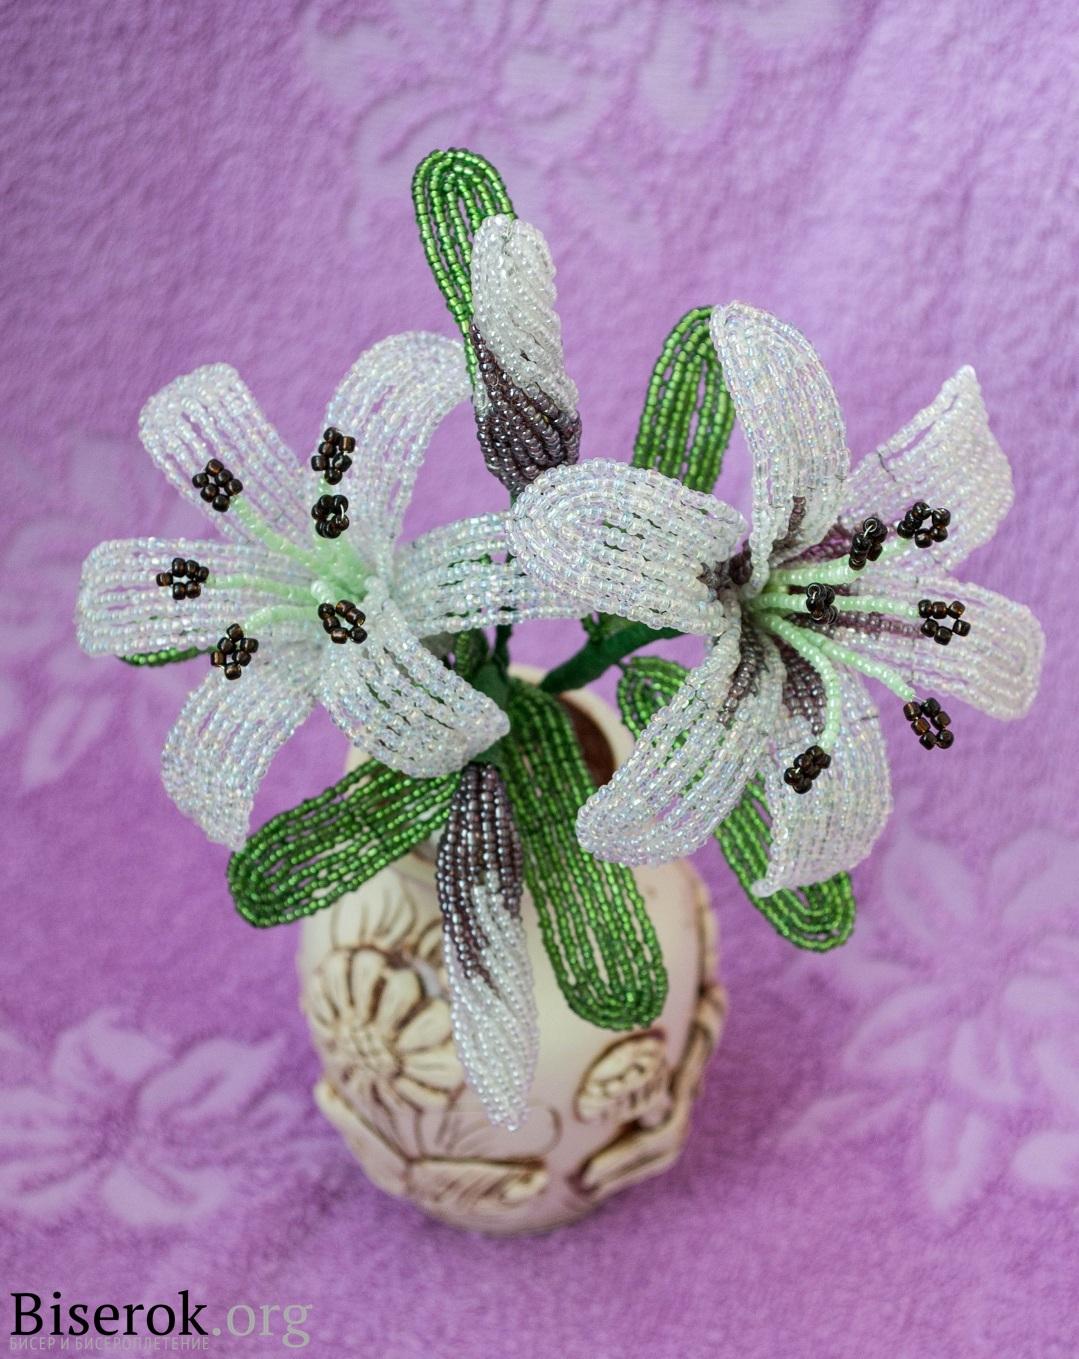 Лилии из бисера. irishka51254: February 14th, 2011.  Попробовала новое для себя искусство - плетение из бисера.